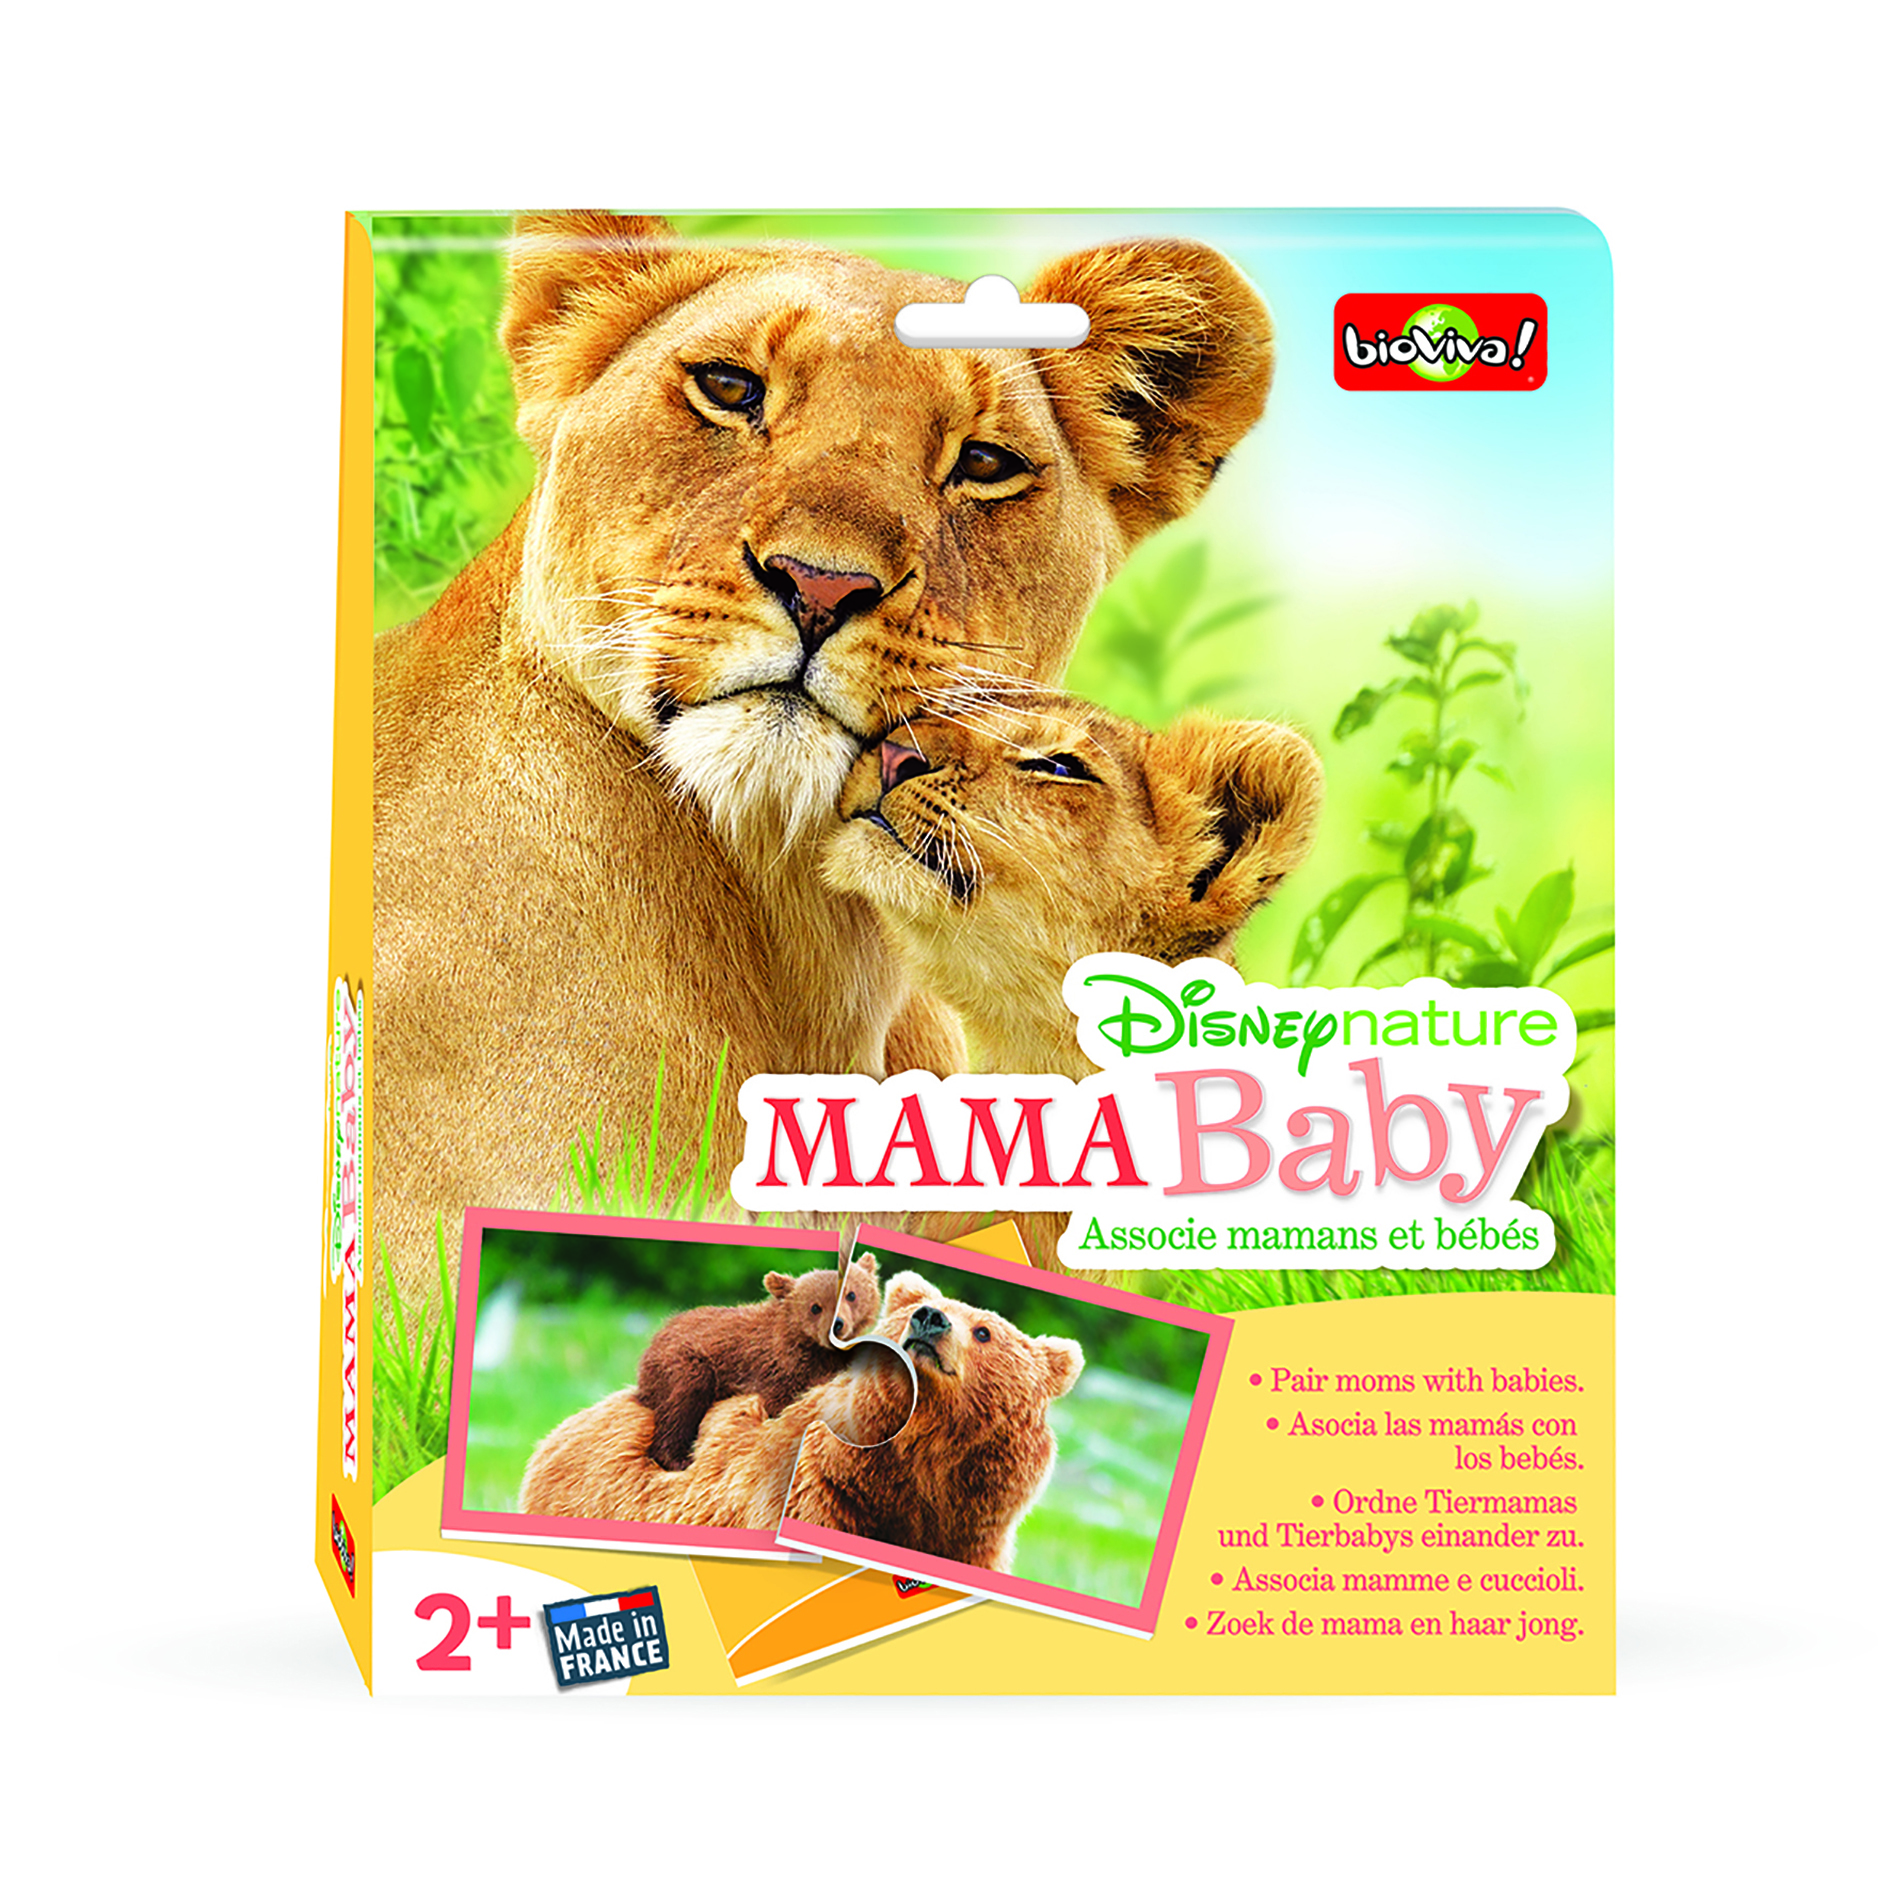 MAMA BABY - DISNEYNATURE